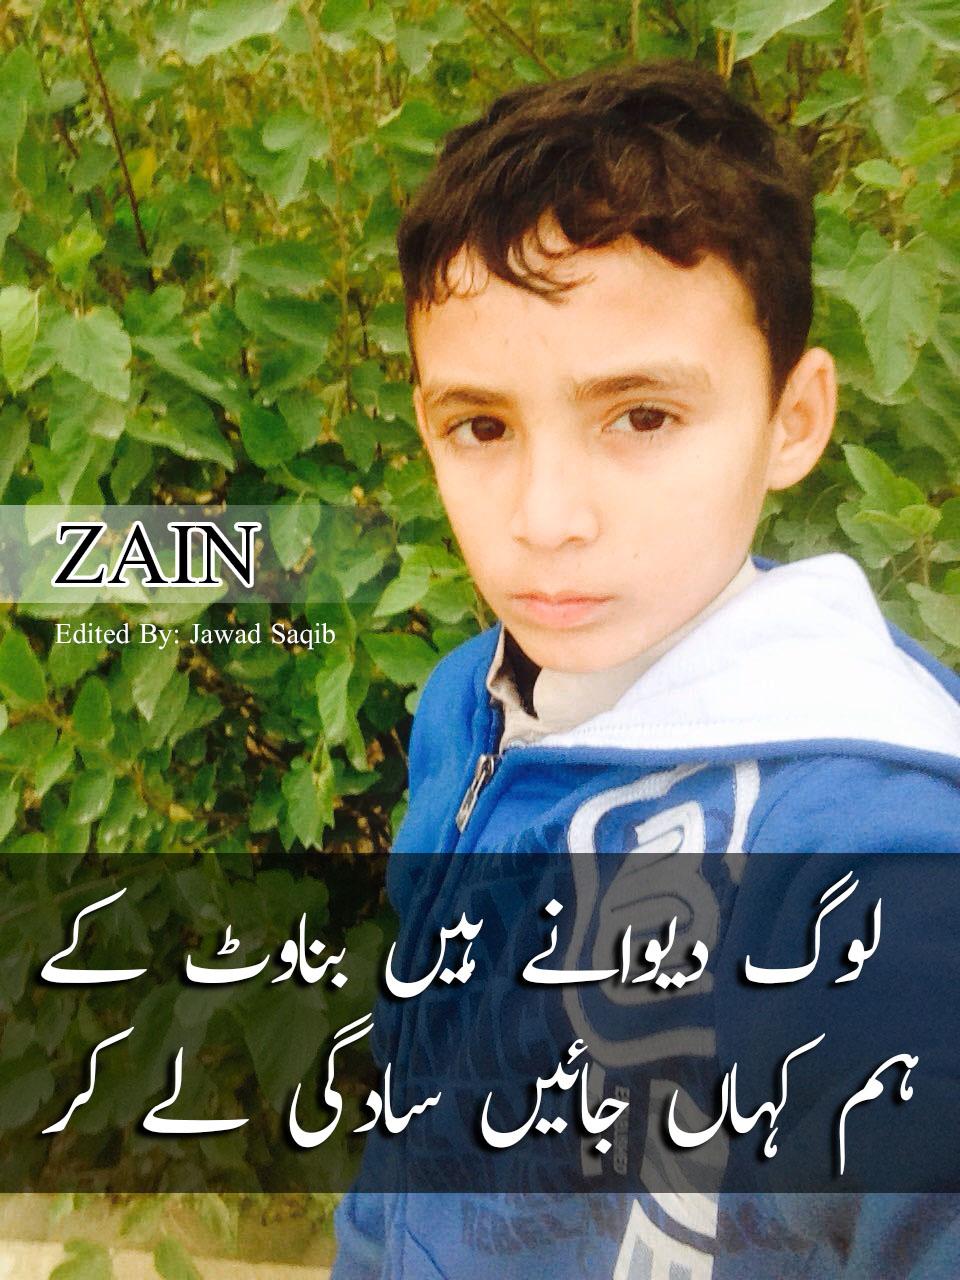 urdu poetry